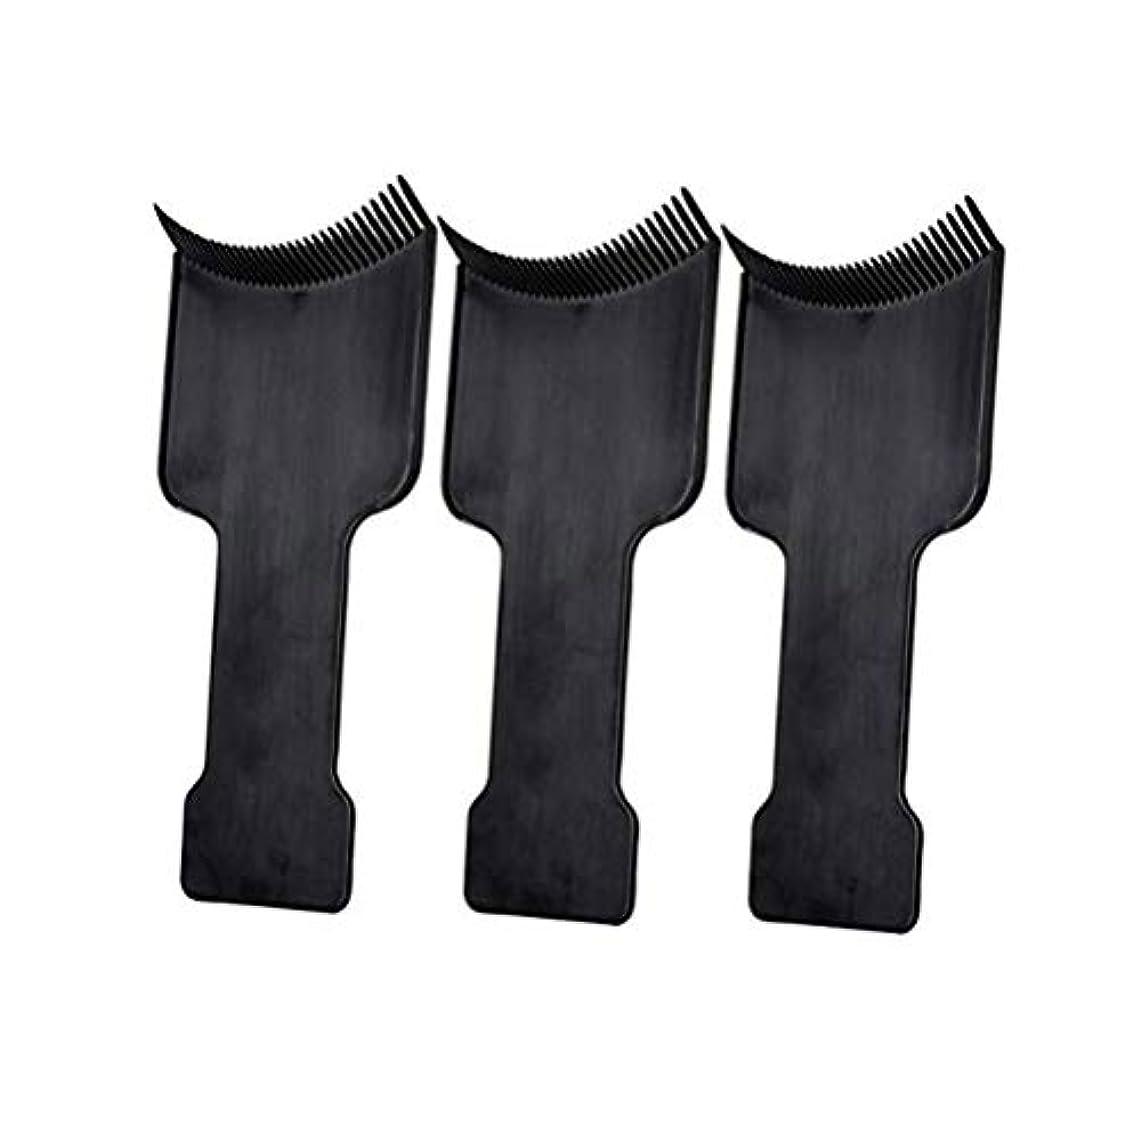 書く戦う刃Lurrose 3本ヘアカラーブラシヘアダイブラシヘアダイアプリケータヘアカラーブラシ(黒)